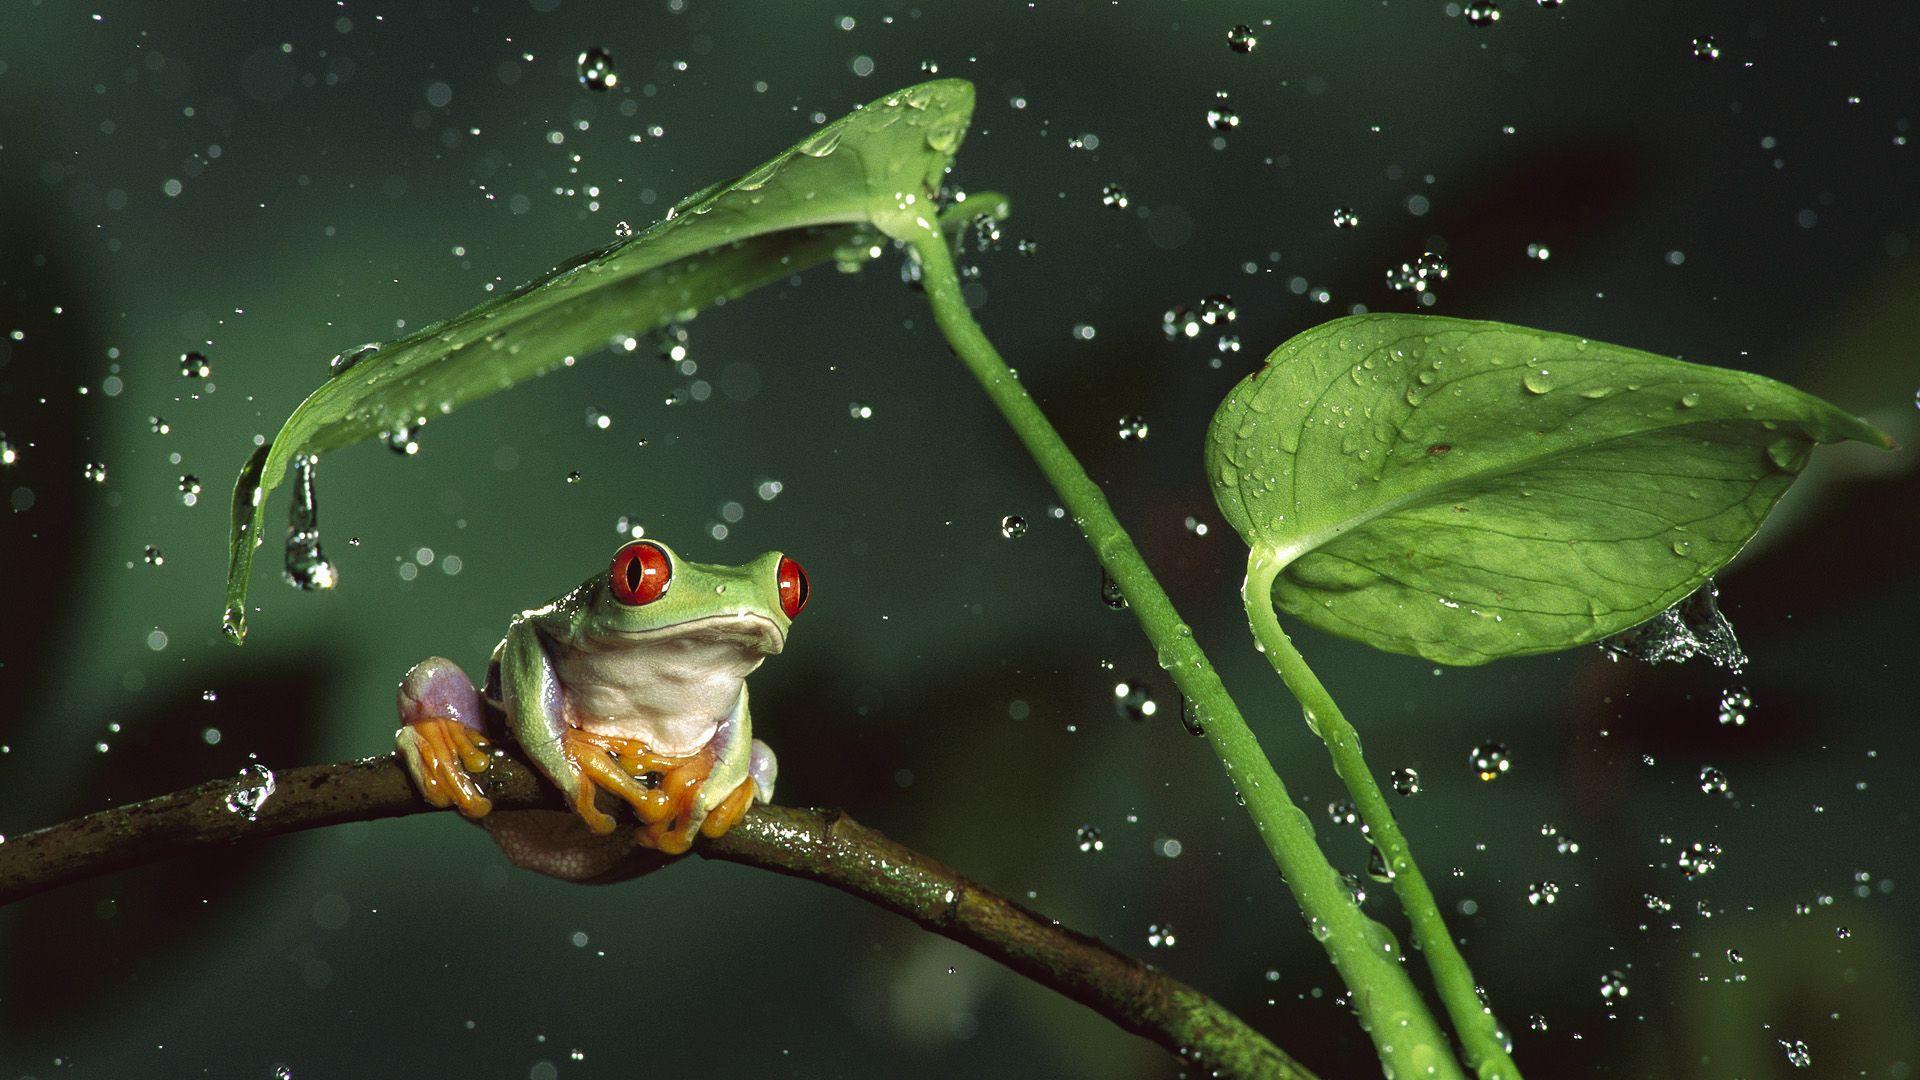 壁紙 カエル 水滴 動物 ダウンロード 写真